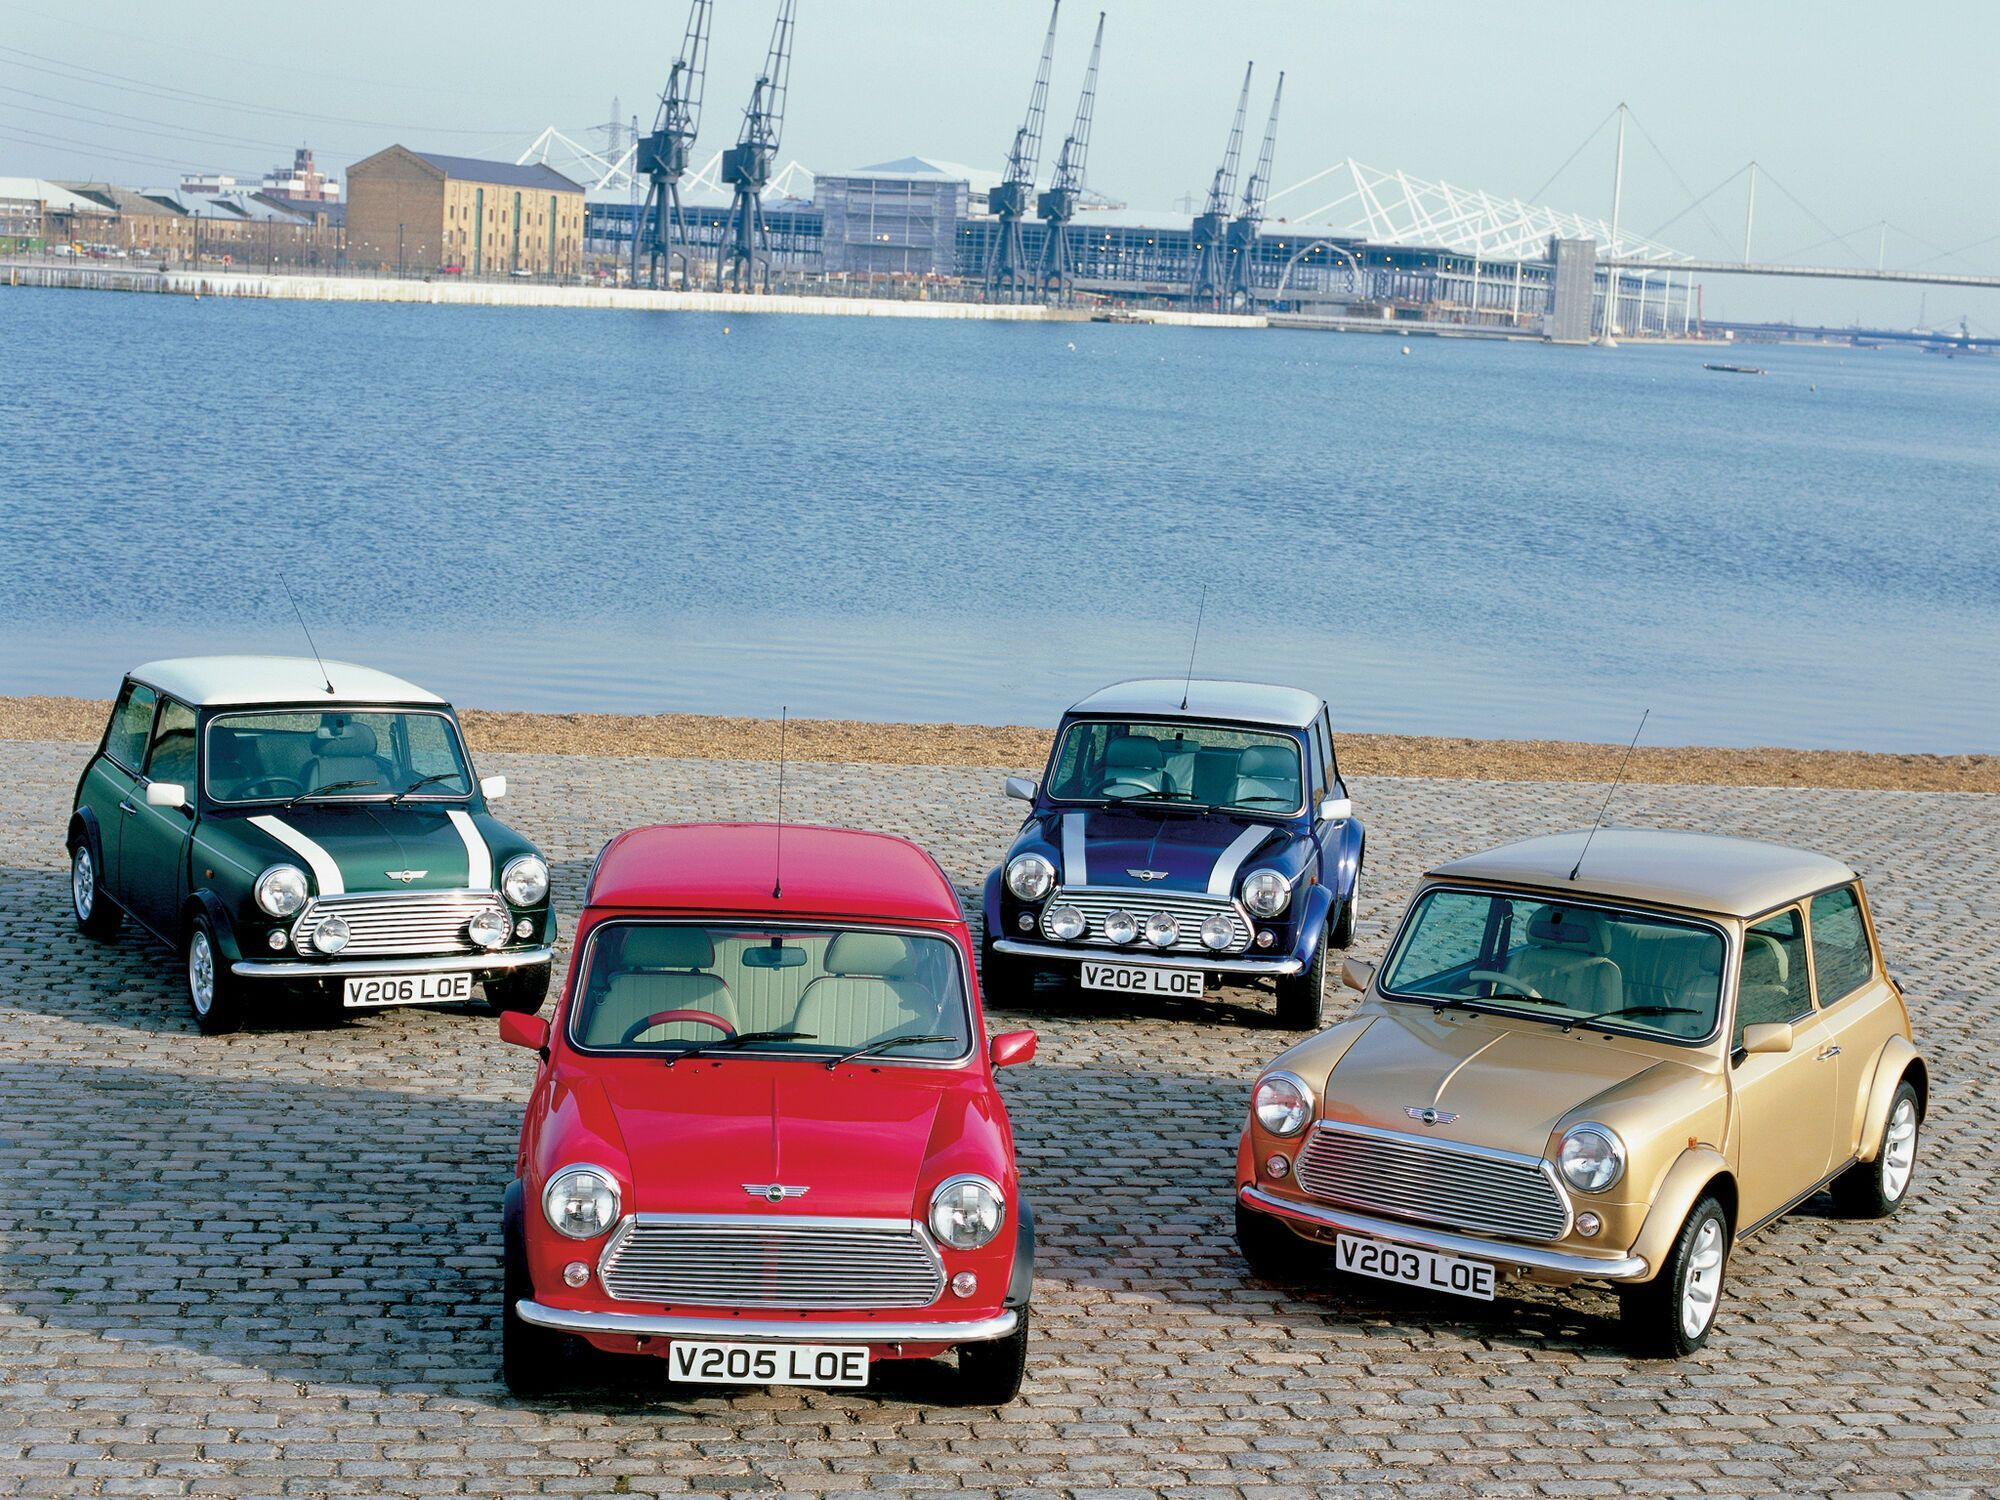 Класичний Mini випускався з 1959 року та протримався на конвеєрі 41 рік. Останній екземпляр виготовили 4 жовтня 2000 р.